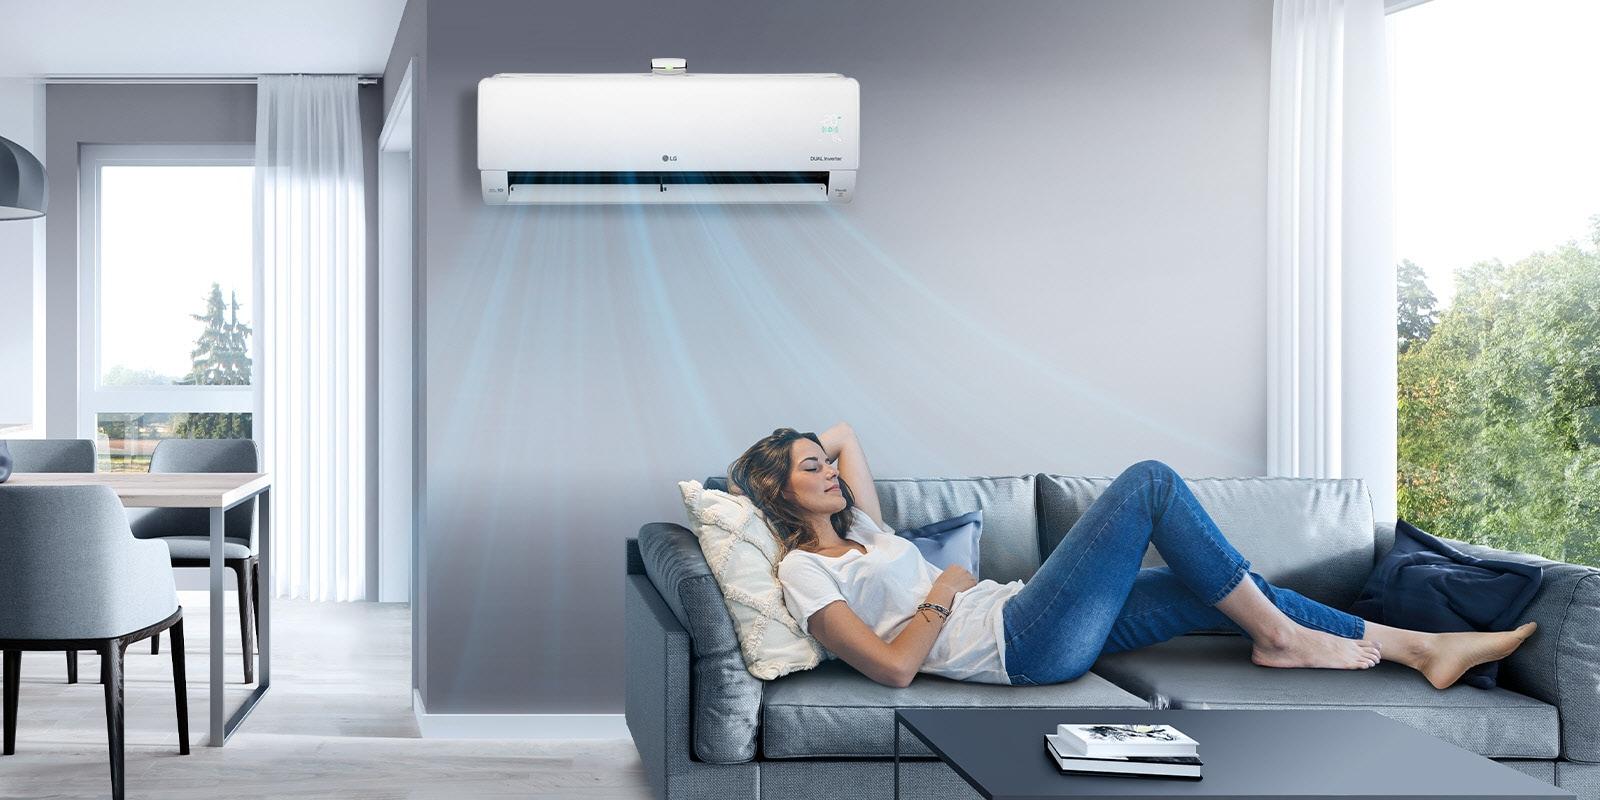 Một người phụ nữ ngồi trên ghế dài trong phòng khách với máy điều hòa không khí LG được lắp trên tường ở phía trên. Các luồng không khí màu xanh lam trên hình ảnh để cho biết máy đang bật và làm mát căn phòng.